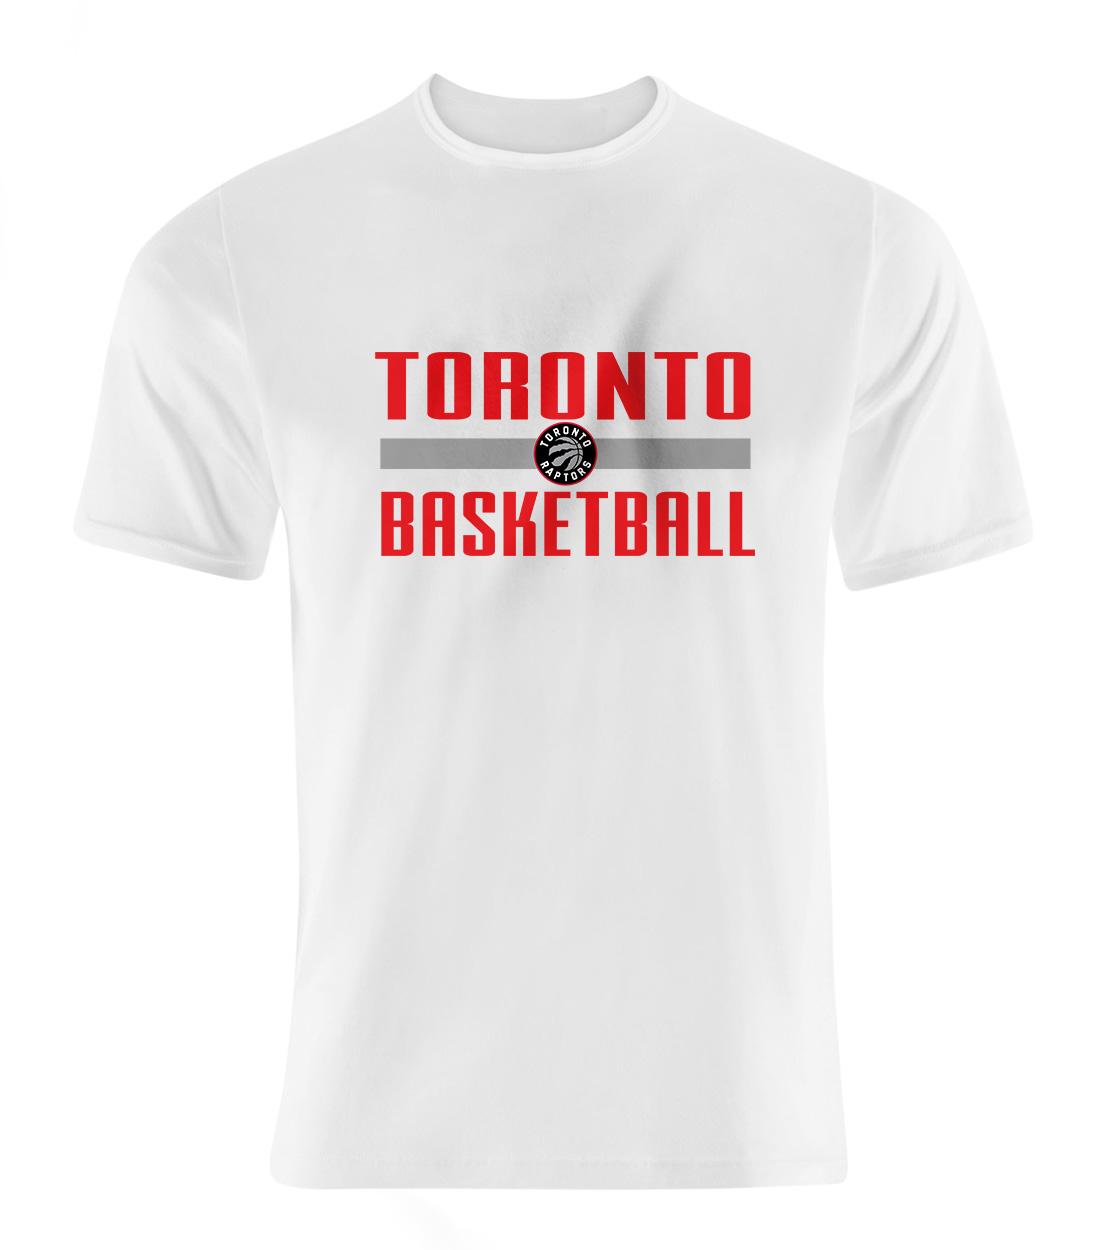 Toronto Basketball Tshirt (TSH-WHT-SKR-torontobsktbll-539)